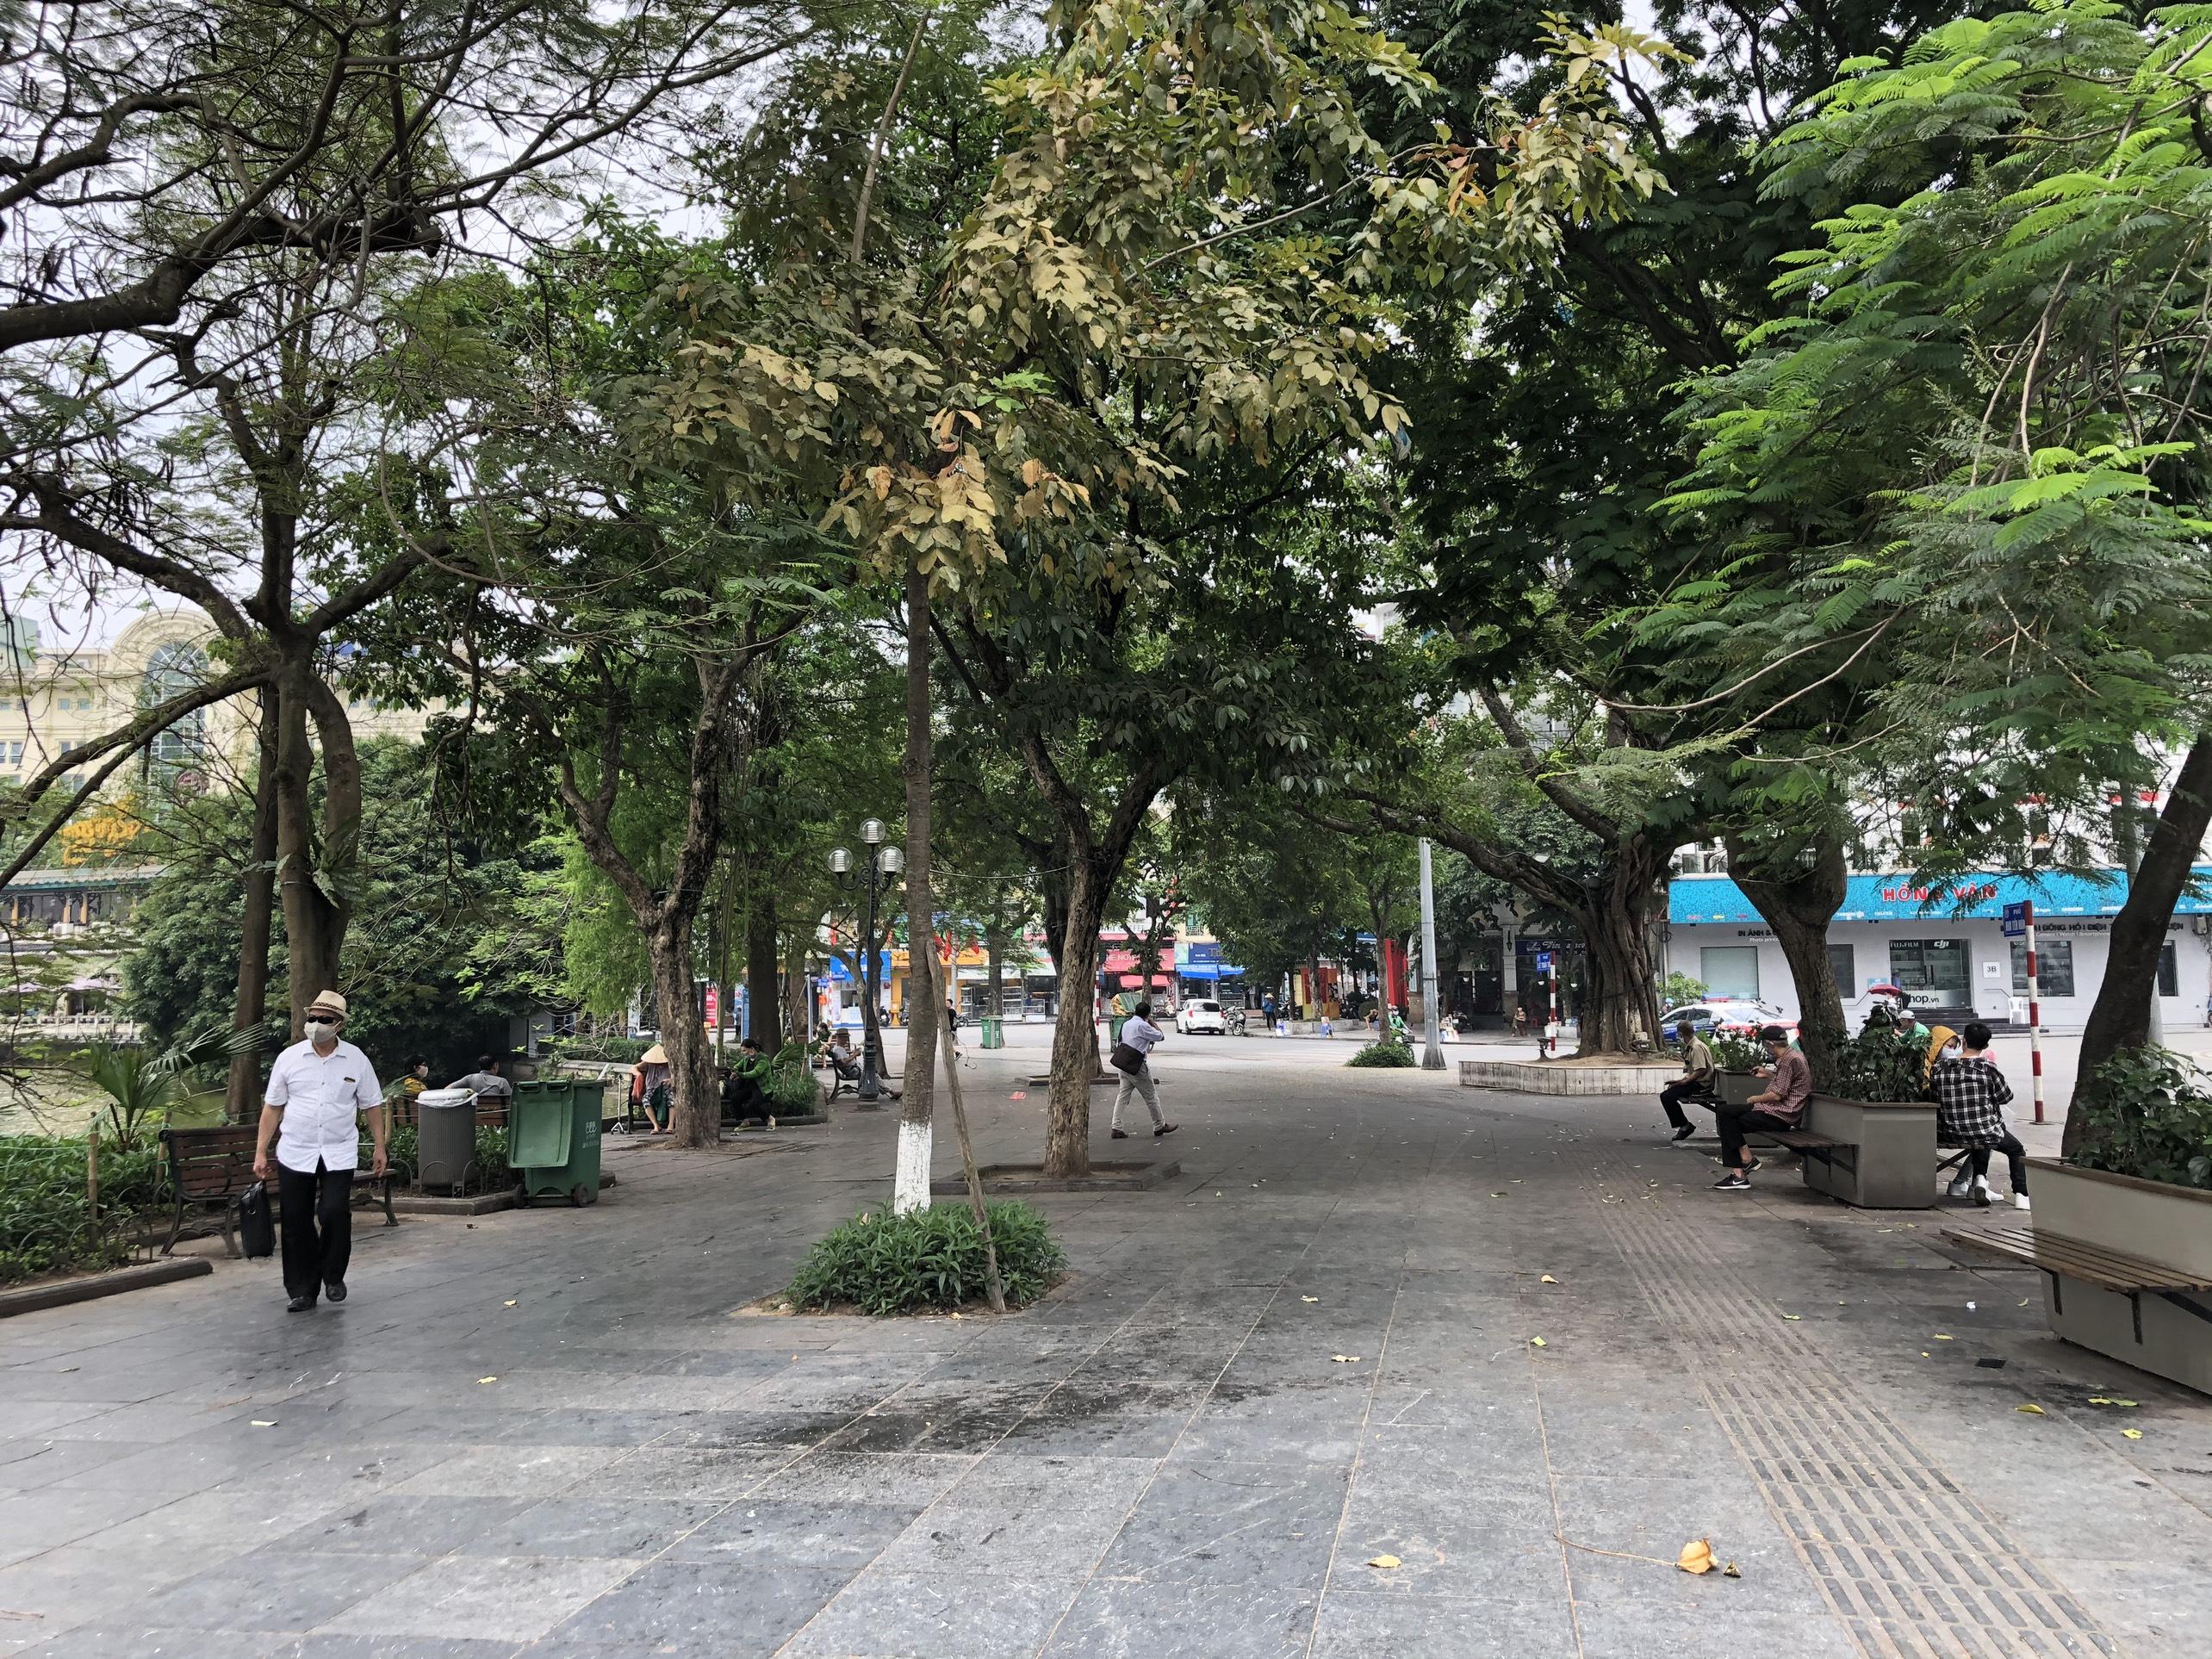 Mở cửa trở lại, một số điểm tham quan tại Hà Nội vẫn vắng khách du lịch - Ảnh 11.